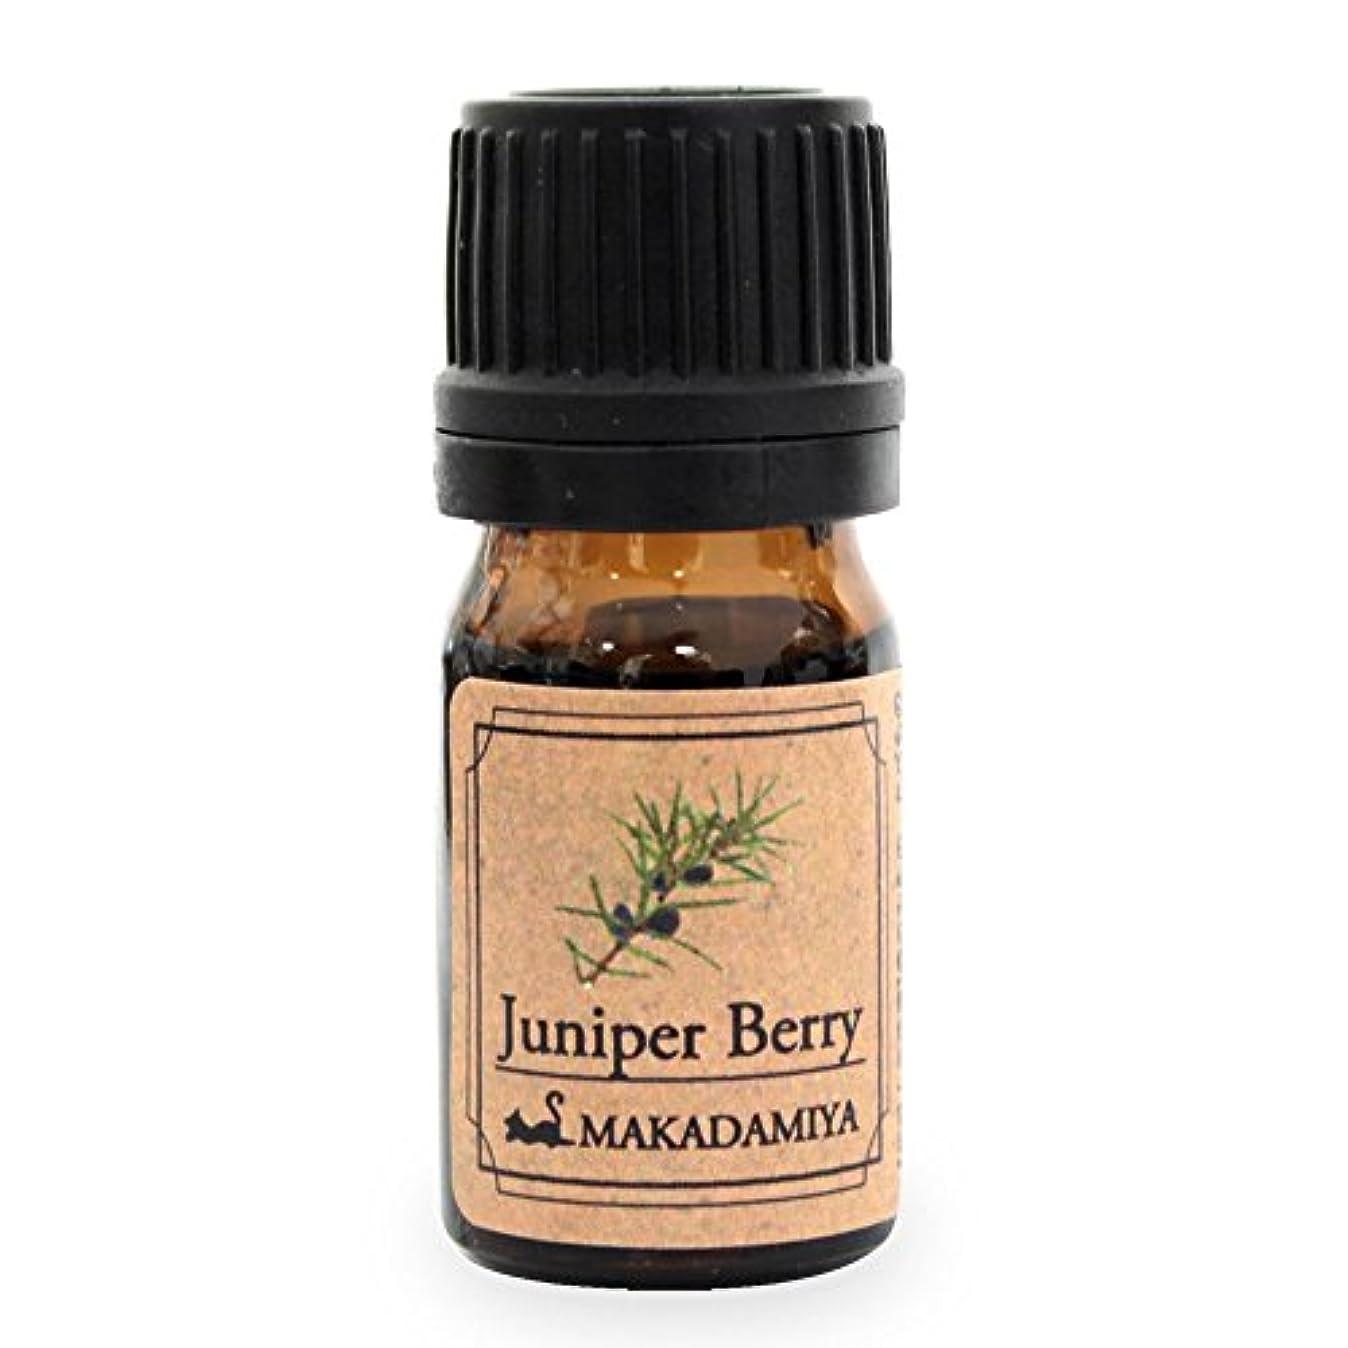 あさりブラジャーステレオタイプジュニパーベリー5ml 天然100%植物性 エッセンシャルオイル(精油) アロマオイル アロママッサージ aroma Junipe Berry